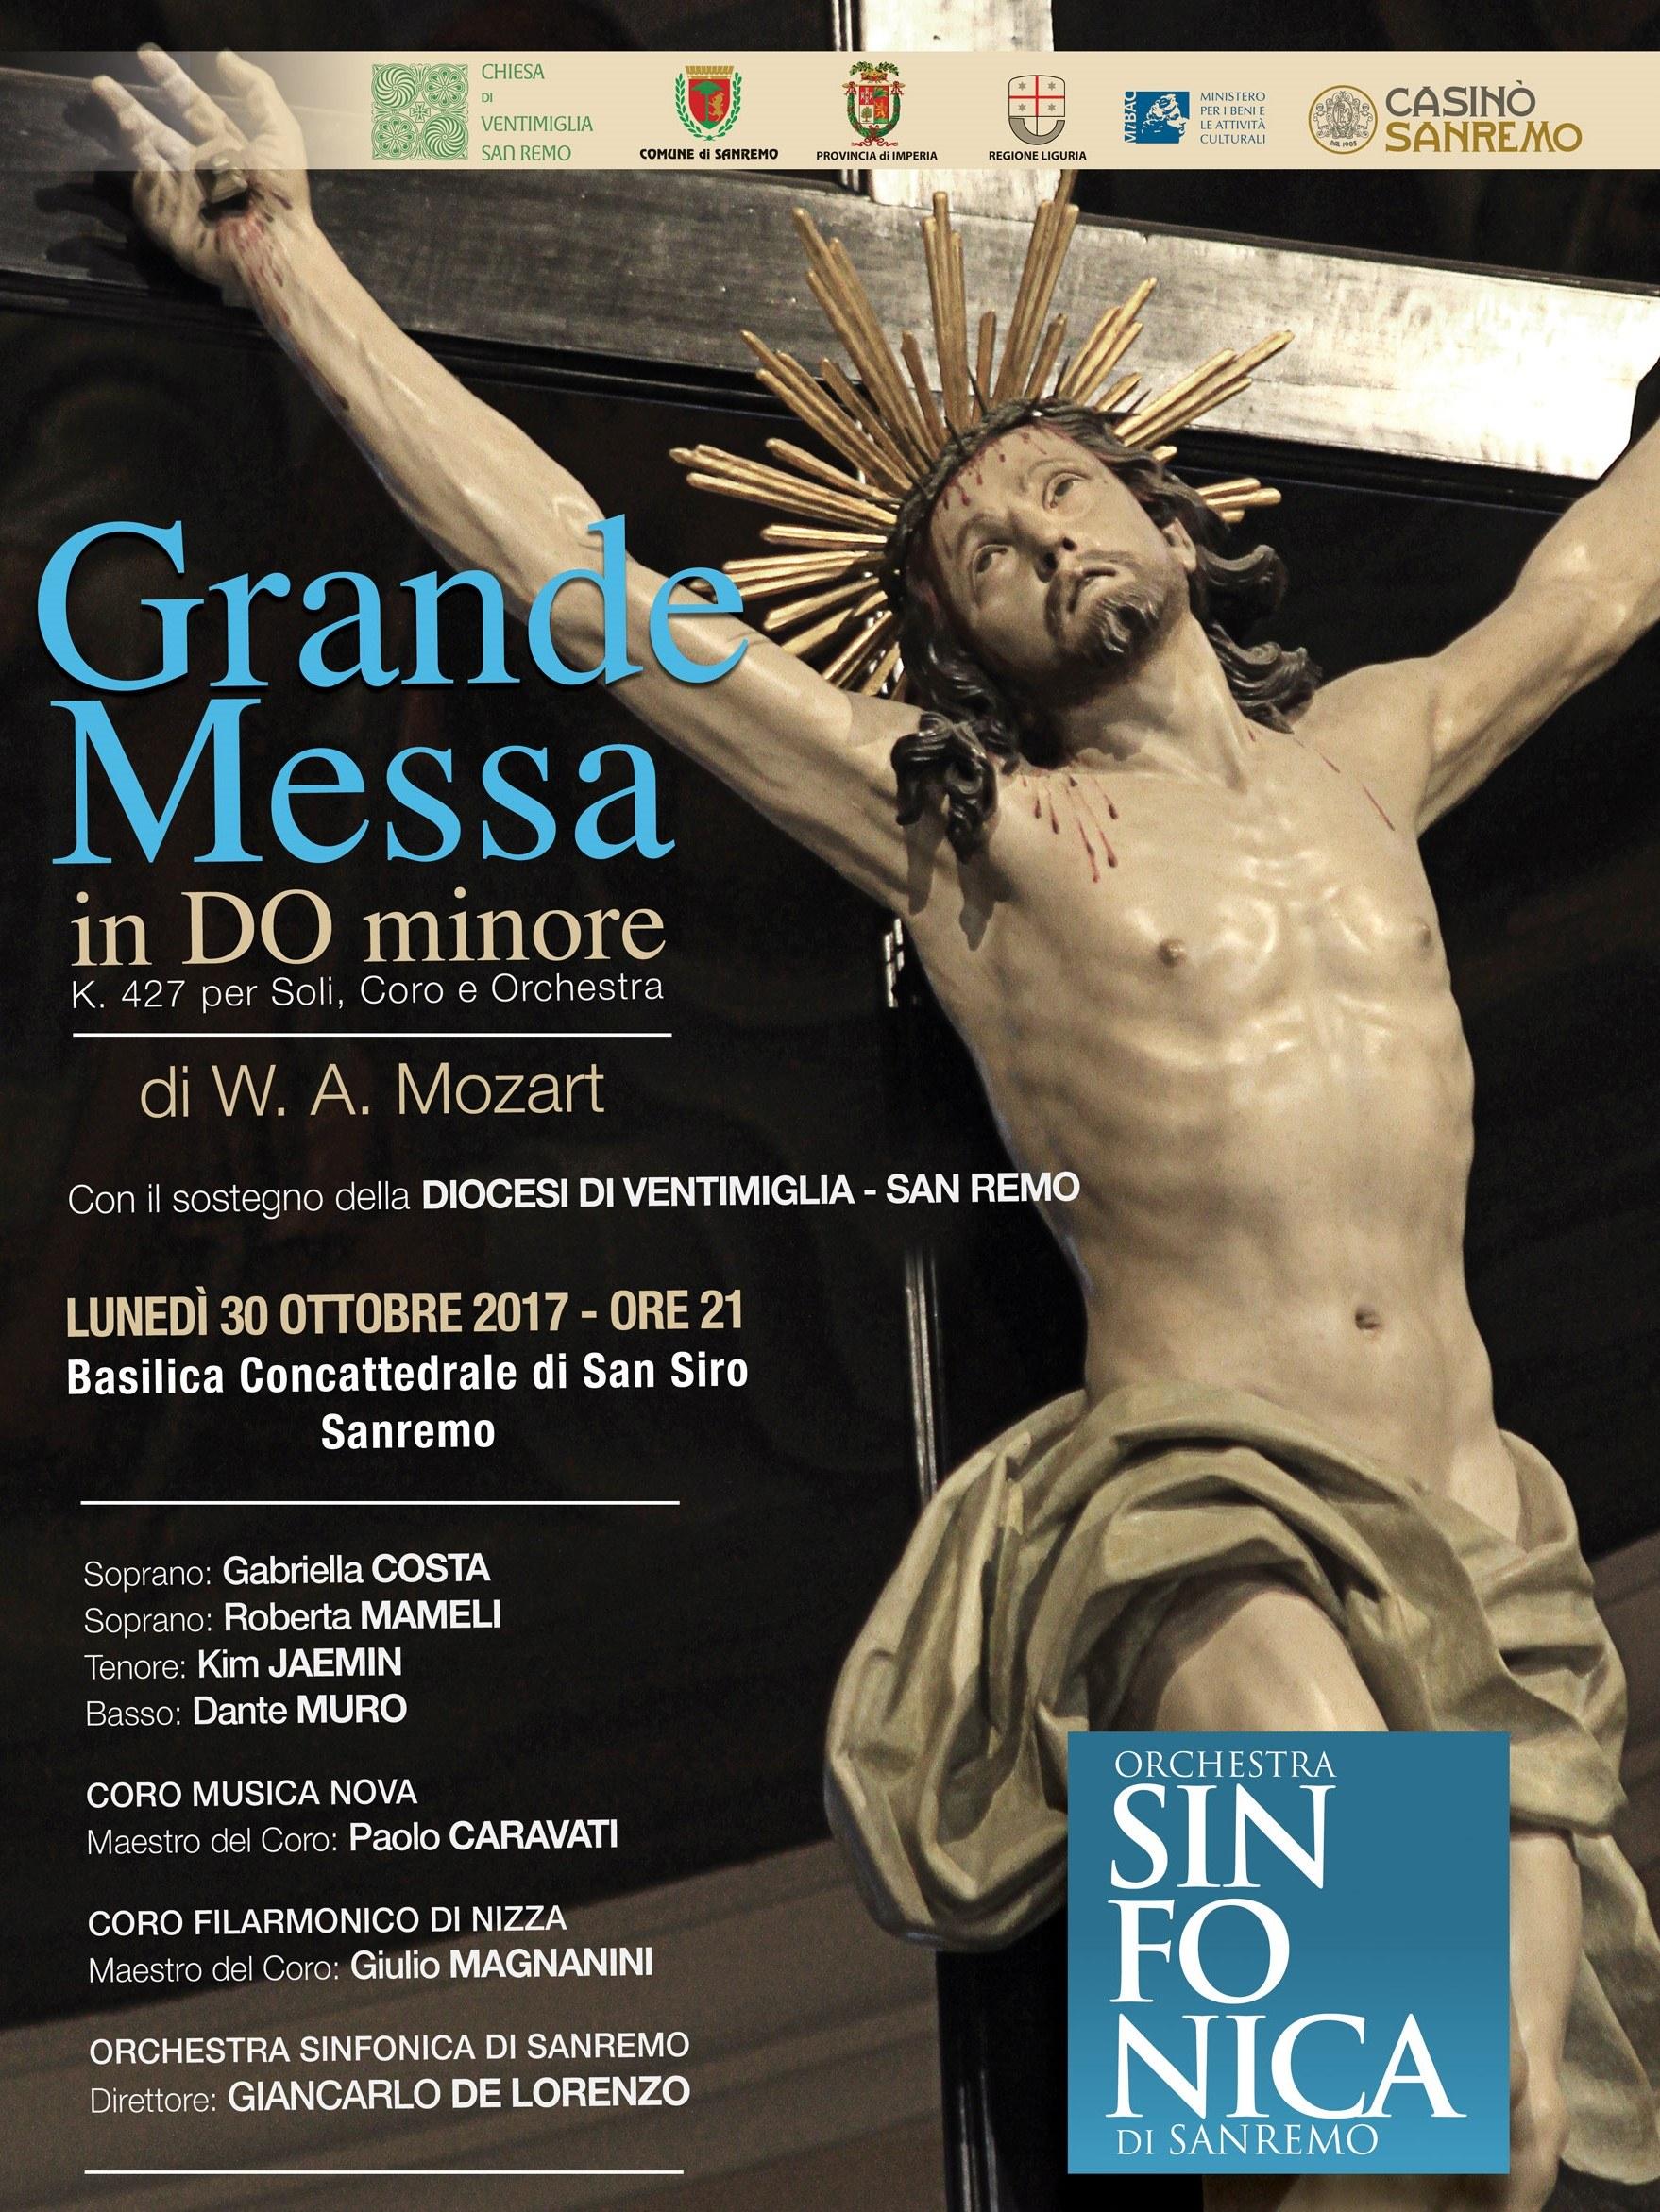 Gli appuntamenti di fine ottobre con la grande musica di Mozart e l'orchestra Sinfonica di Sanremo